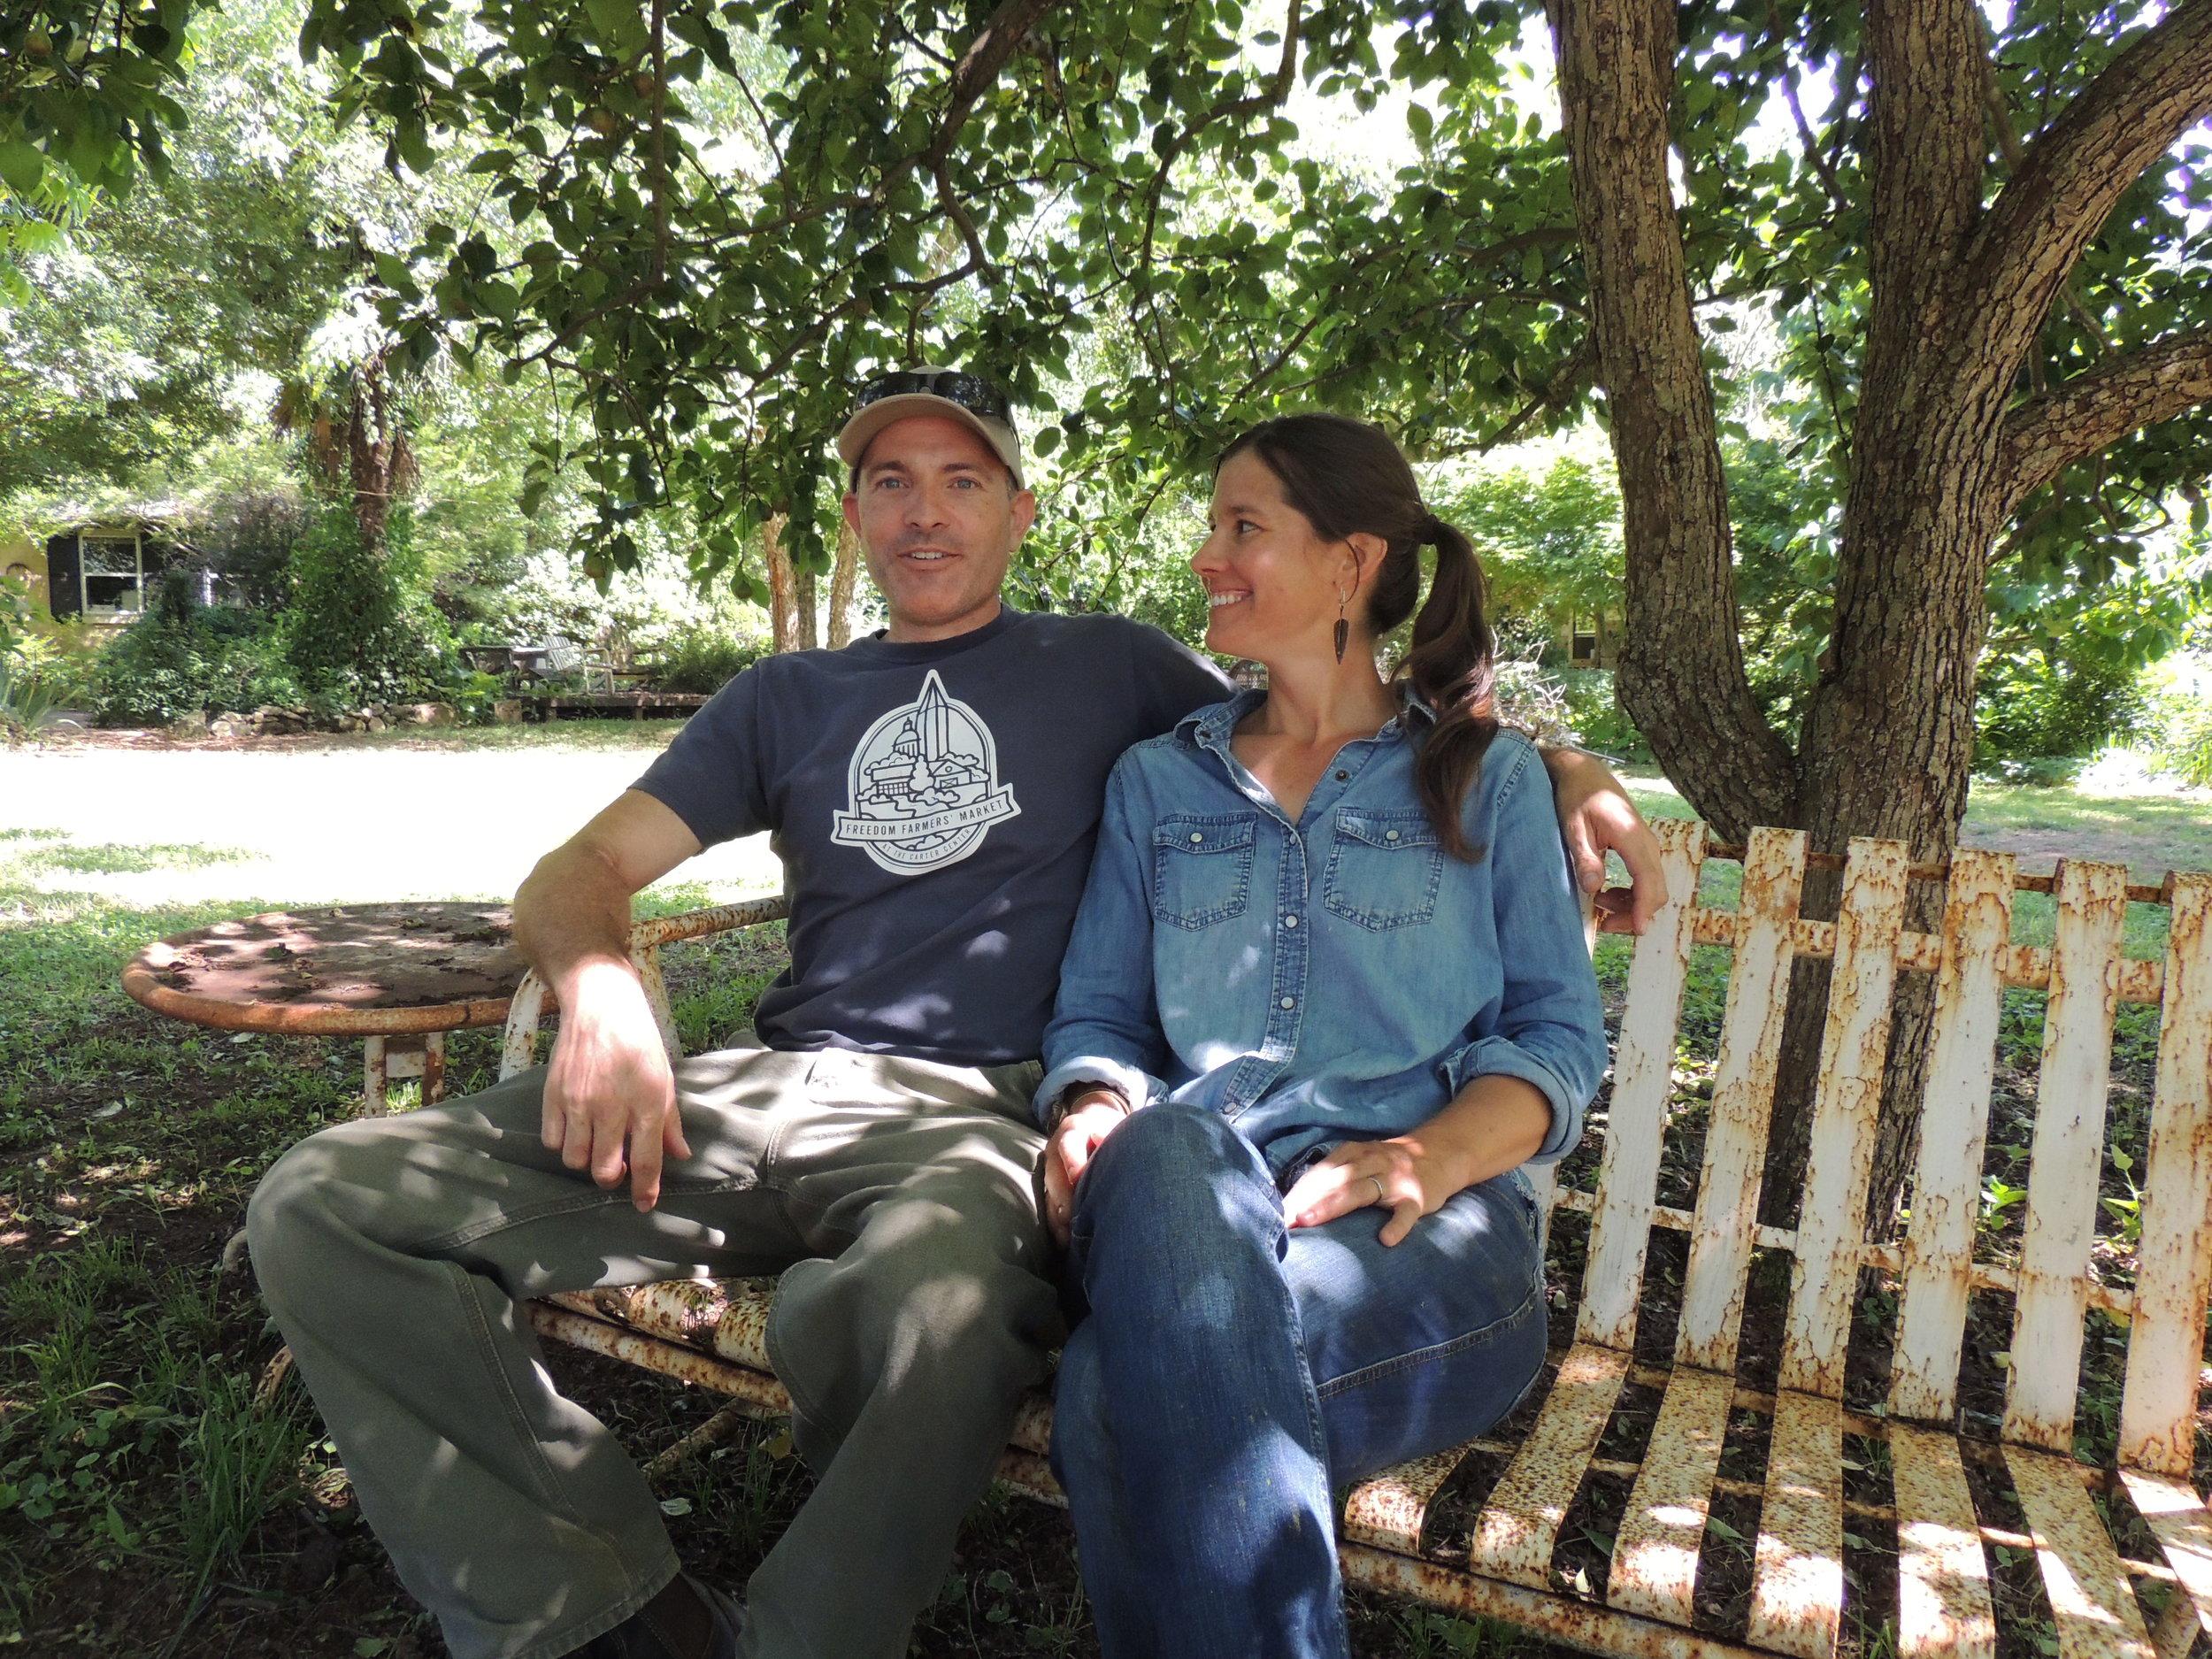 Mandy+Steve-OShea-3PorchFarm-AthensGa.JPG